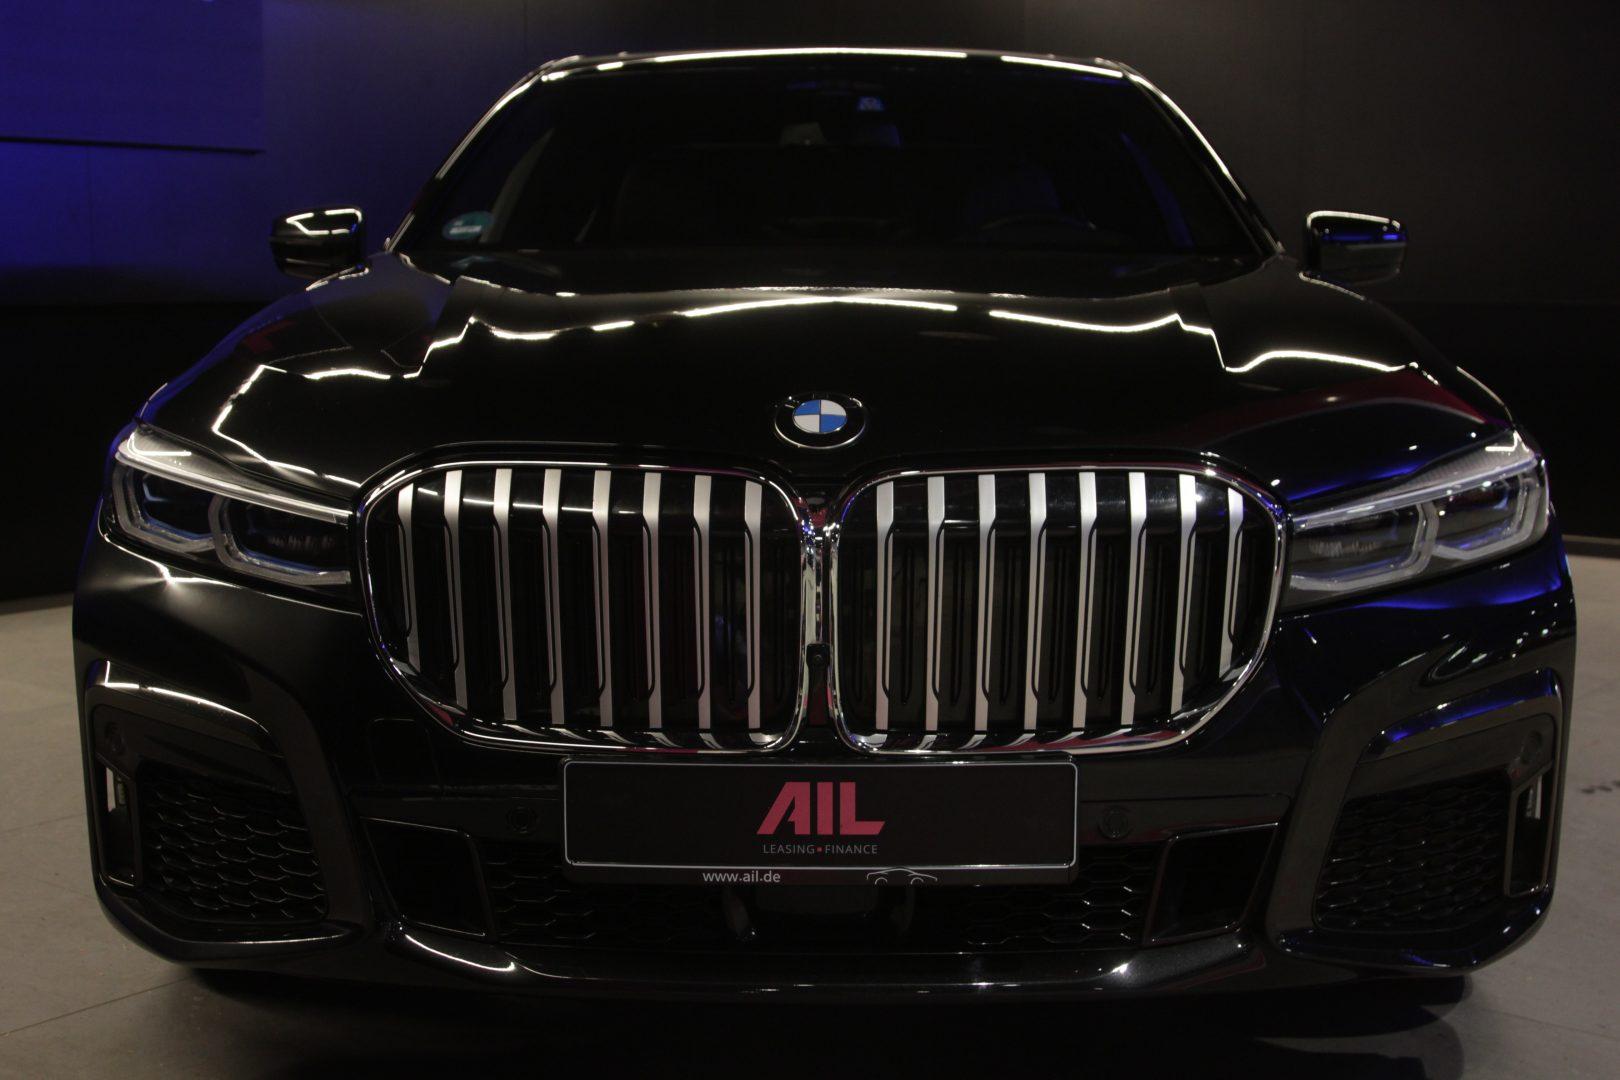 AIL BMW 730Ld xDrive M Paket Laser  9